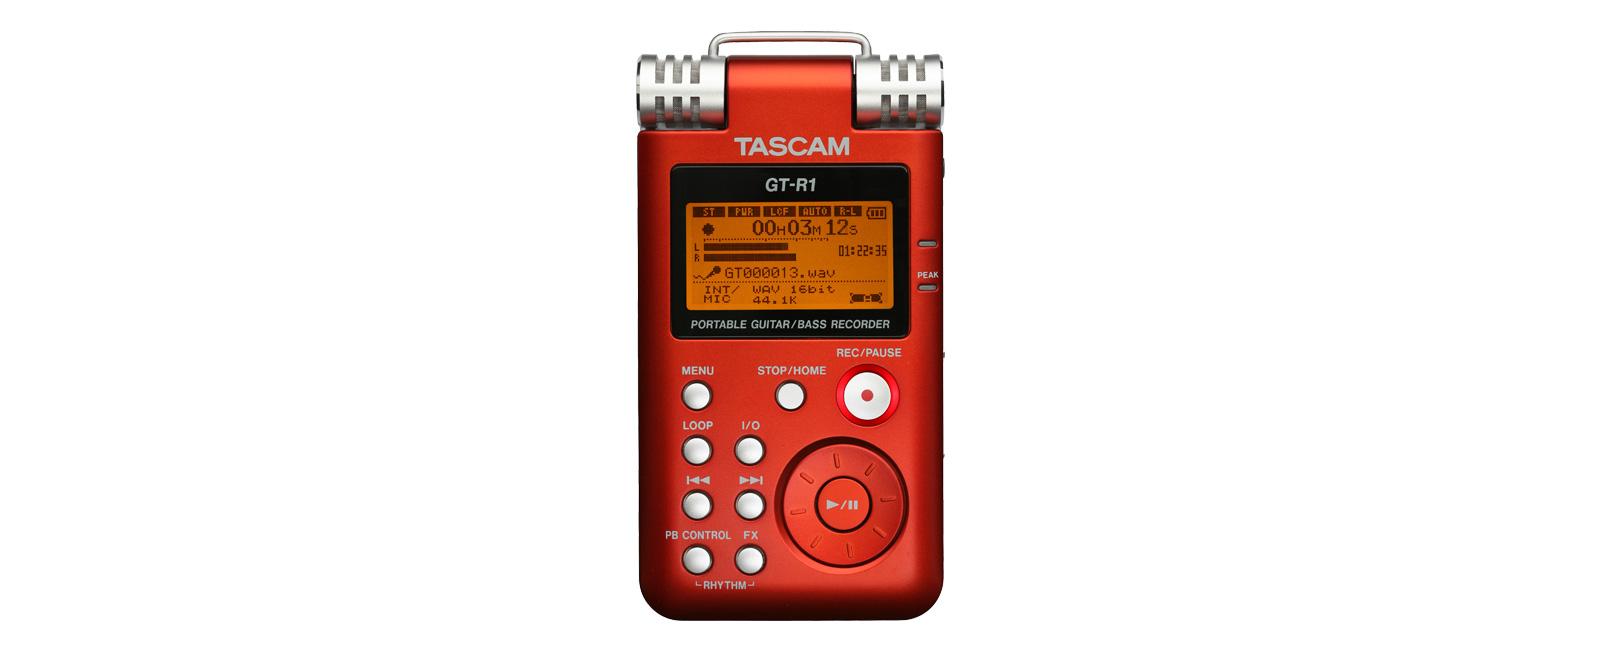 Tascam: pirosra festett DR-1, mint GT-R1 mobil gitár/basszus felvevő